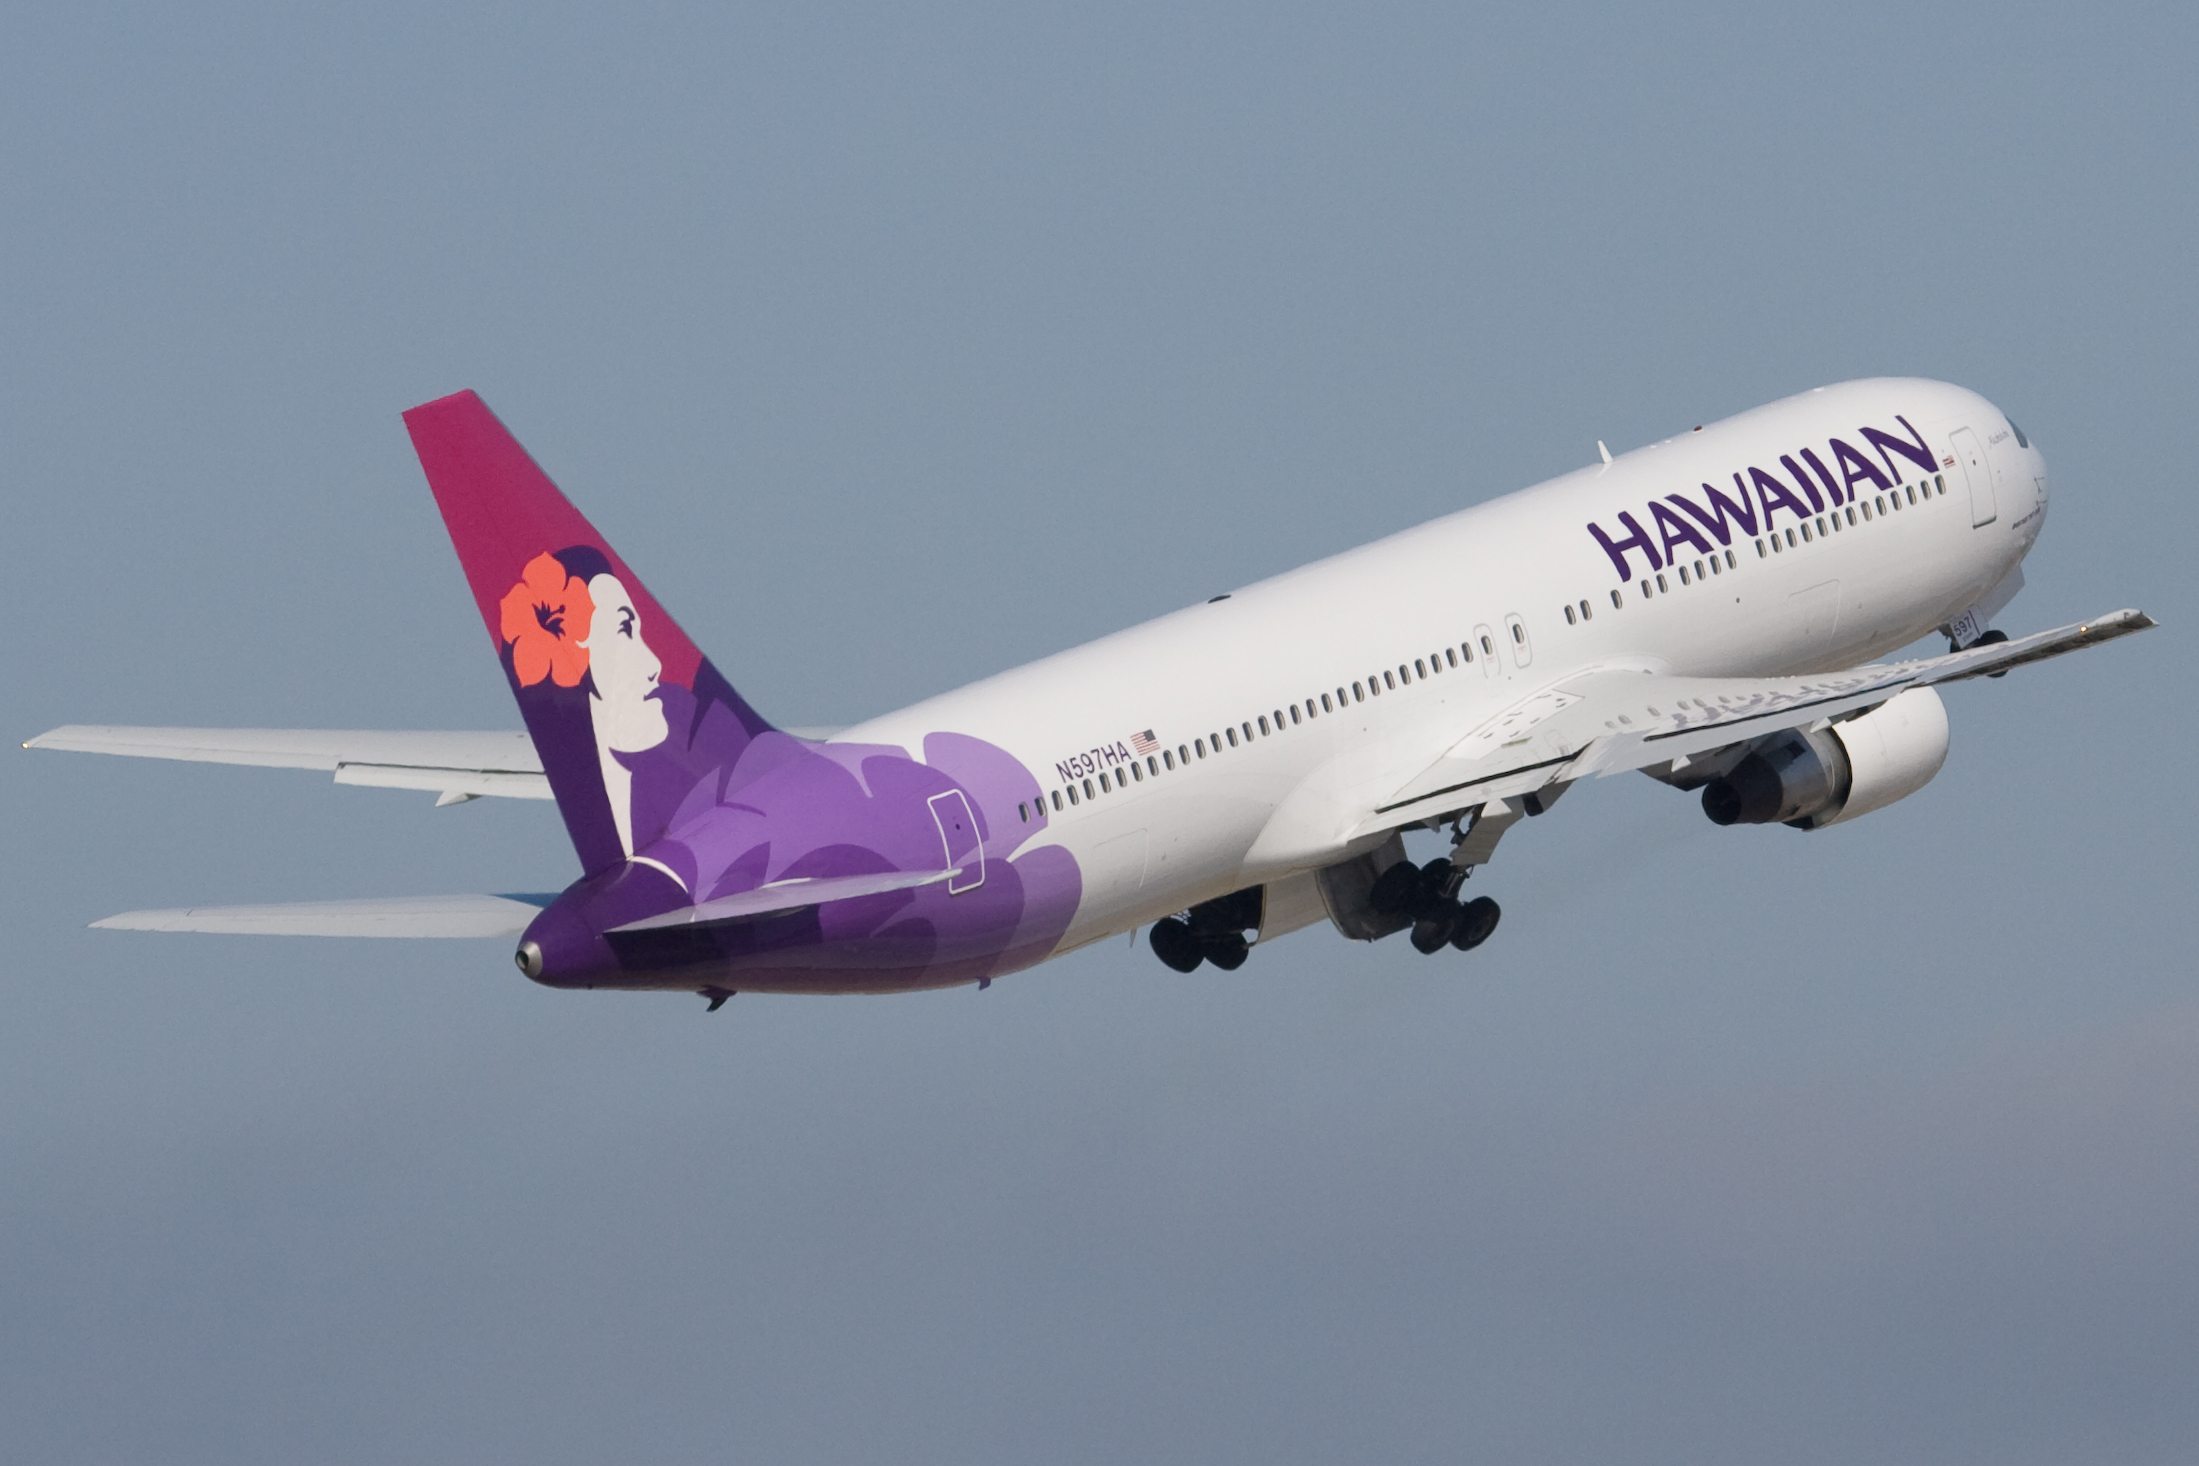 ¿Feliz Año Nuevo? Una aerolínea Hawaiana ha viajado atrás en el tiempo para celebrar dos veces el 2018